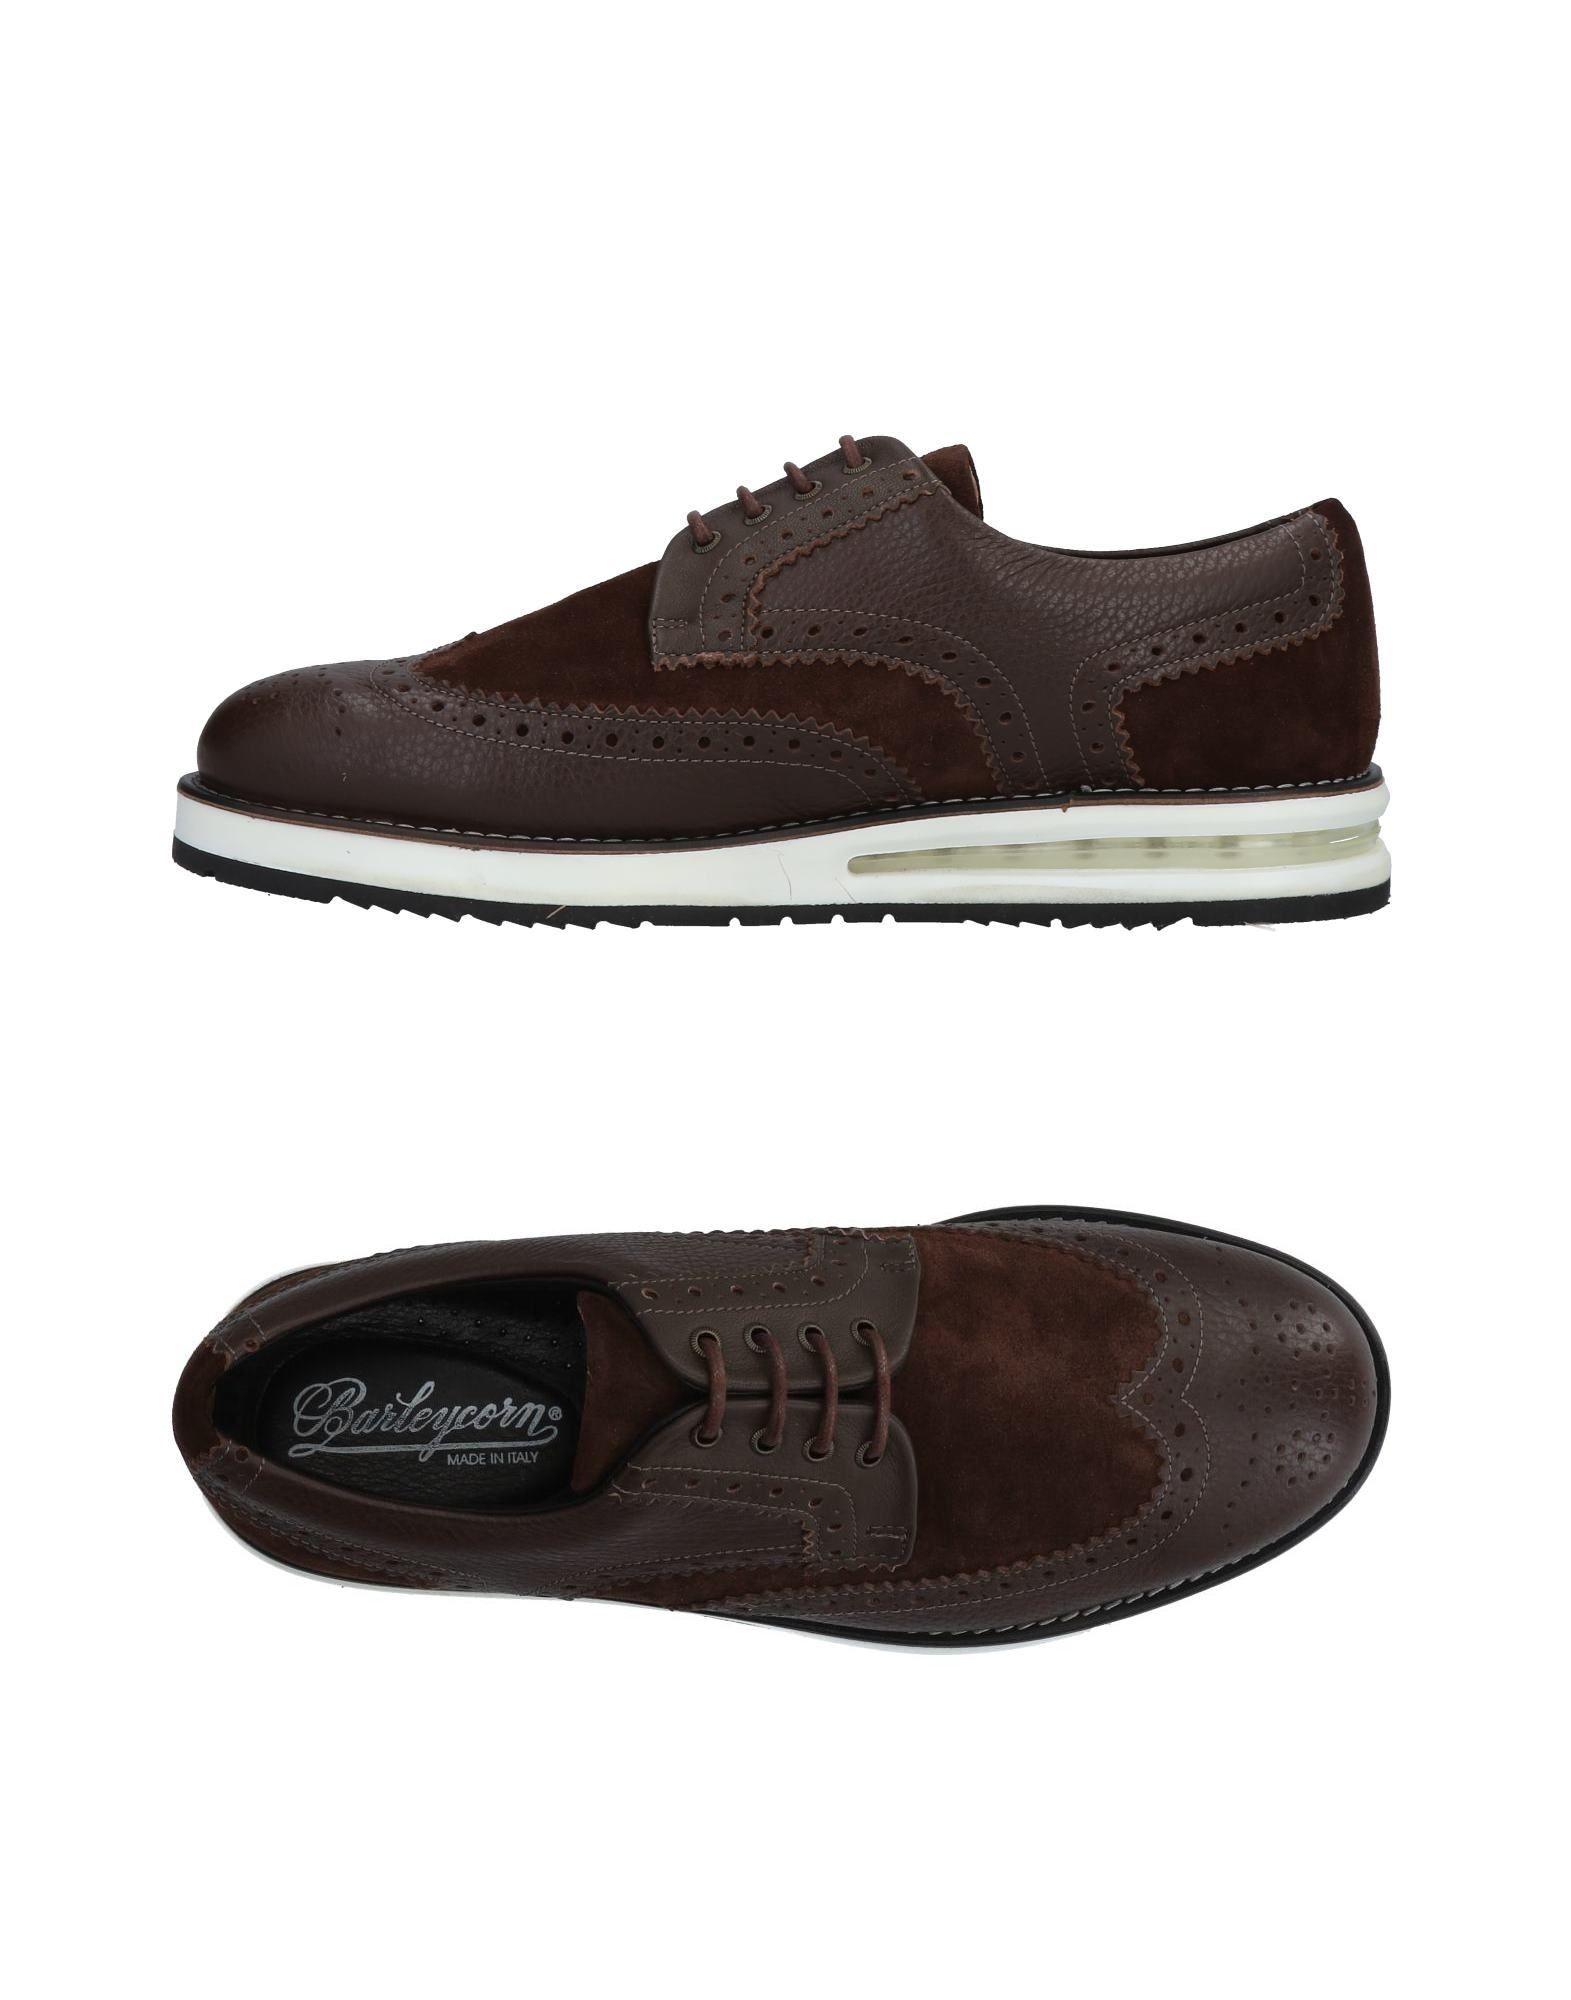 Rabatt echte Schuhe Barleycorn Schnürschuhe Herren  11479083XB